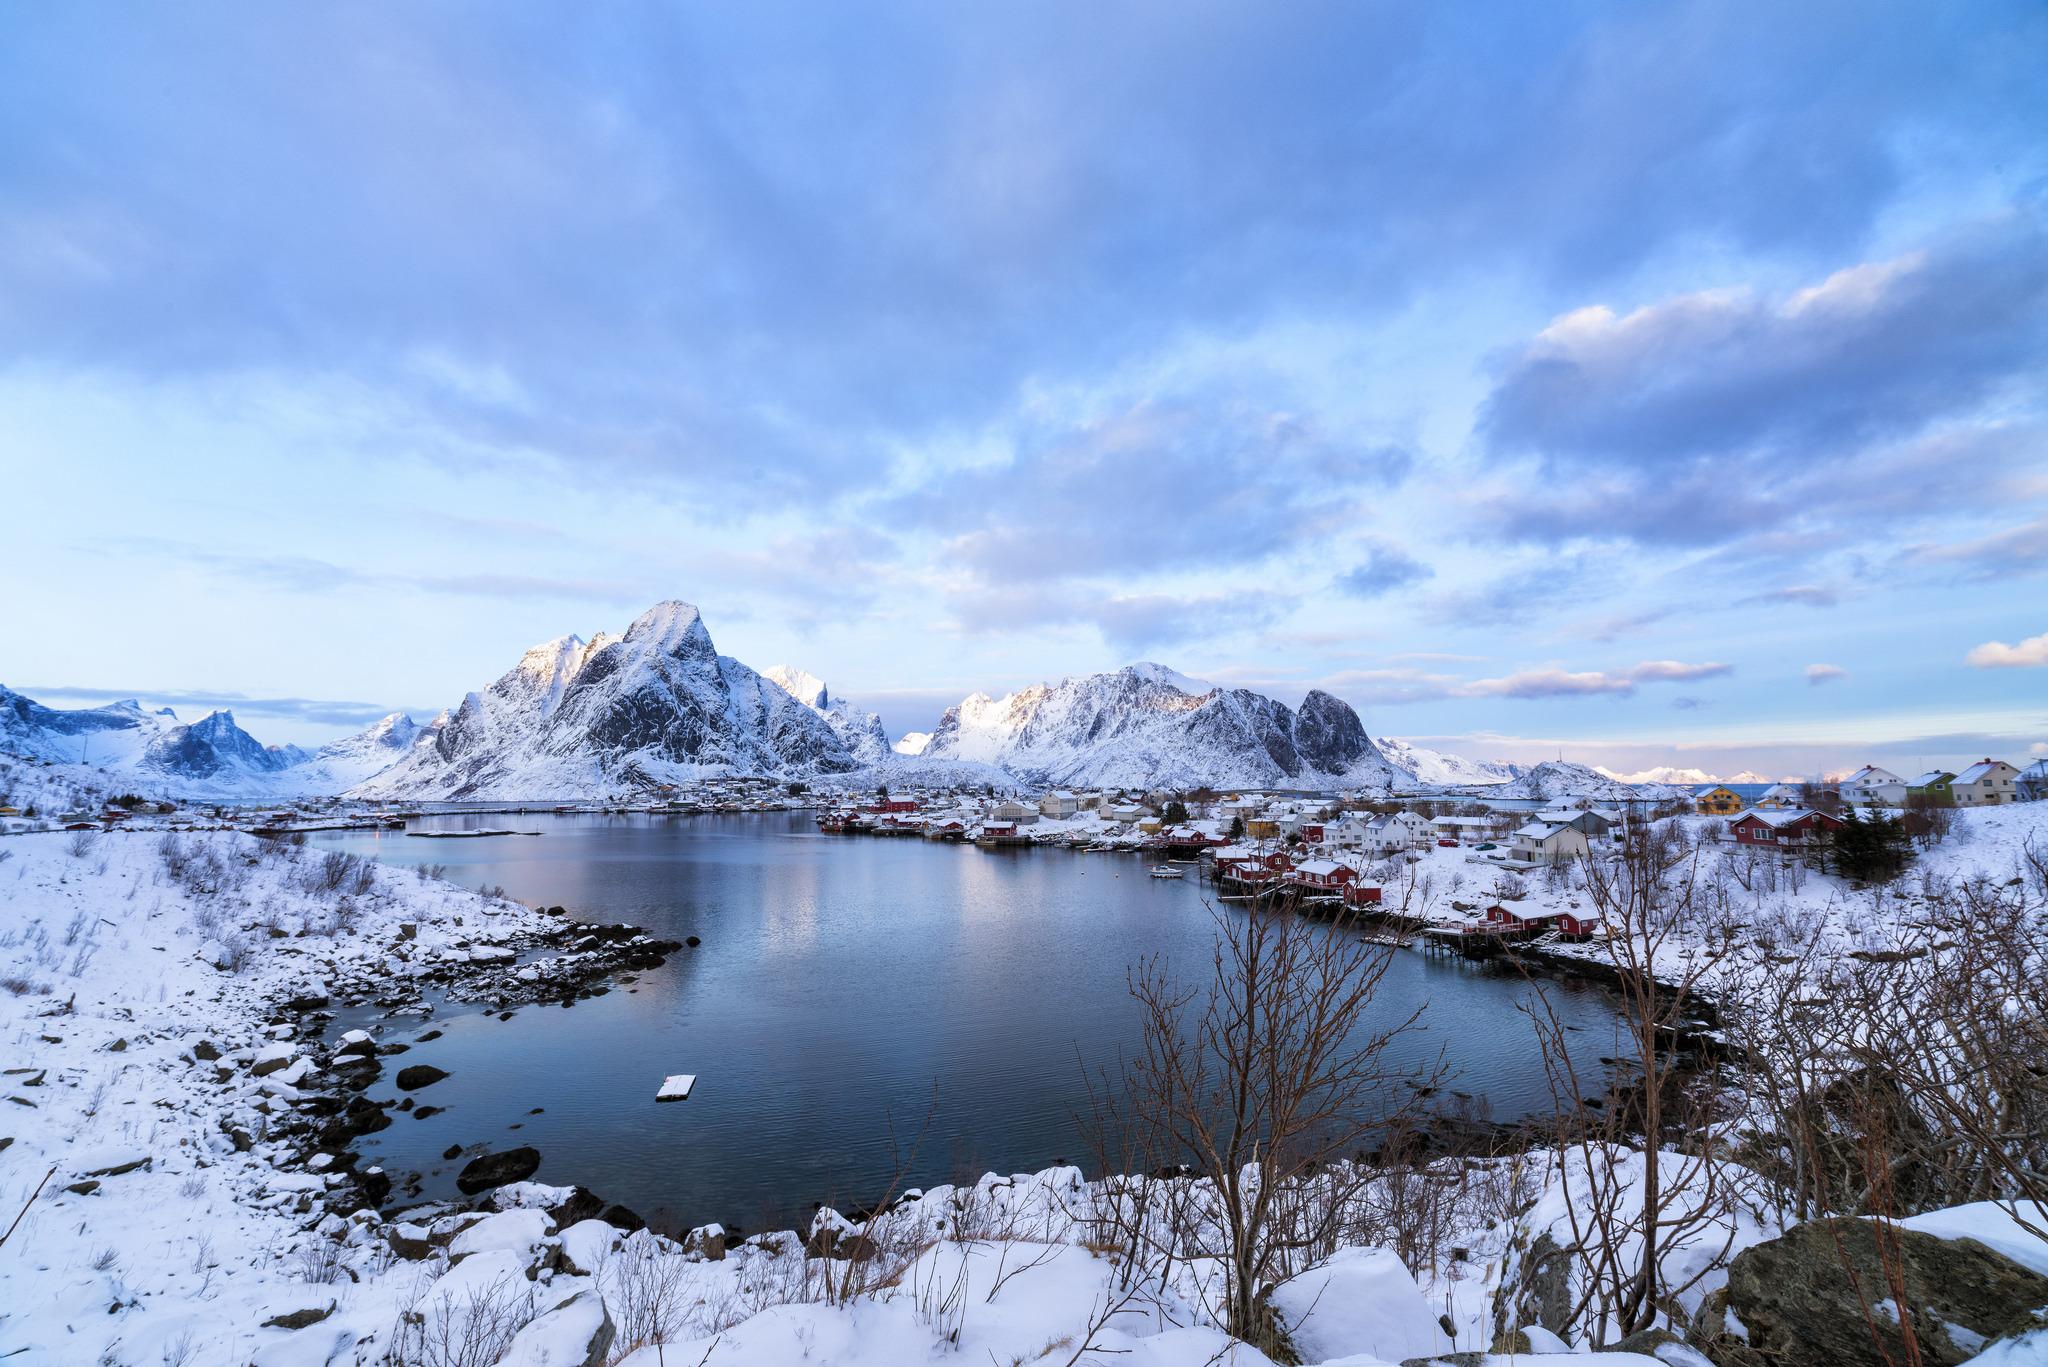 101386 Hintergrundbild 240x400 kostenlos auf deinem Handy, lade Bilder Winterreifen, Natur, Mountains, See, Norwegen, Lofoten 240x400 auf dein Handy herunter